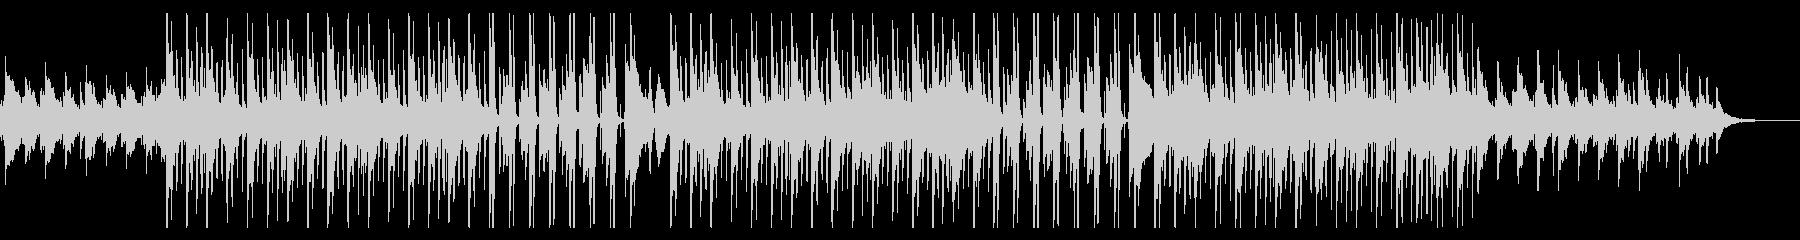 オープニングに!ピアノ中心の4つ打ち曲の未再生の波形